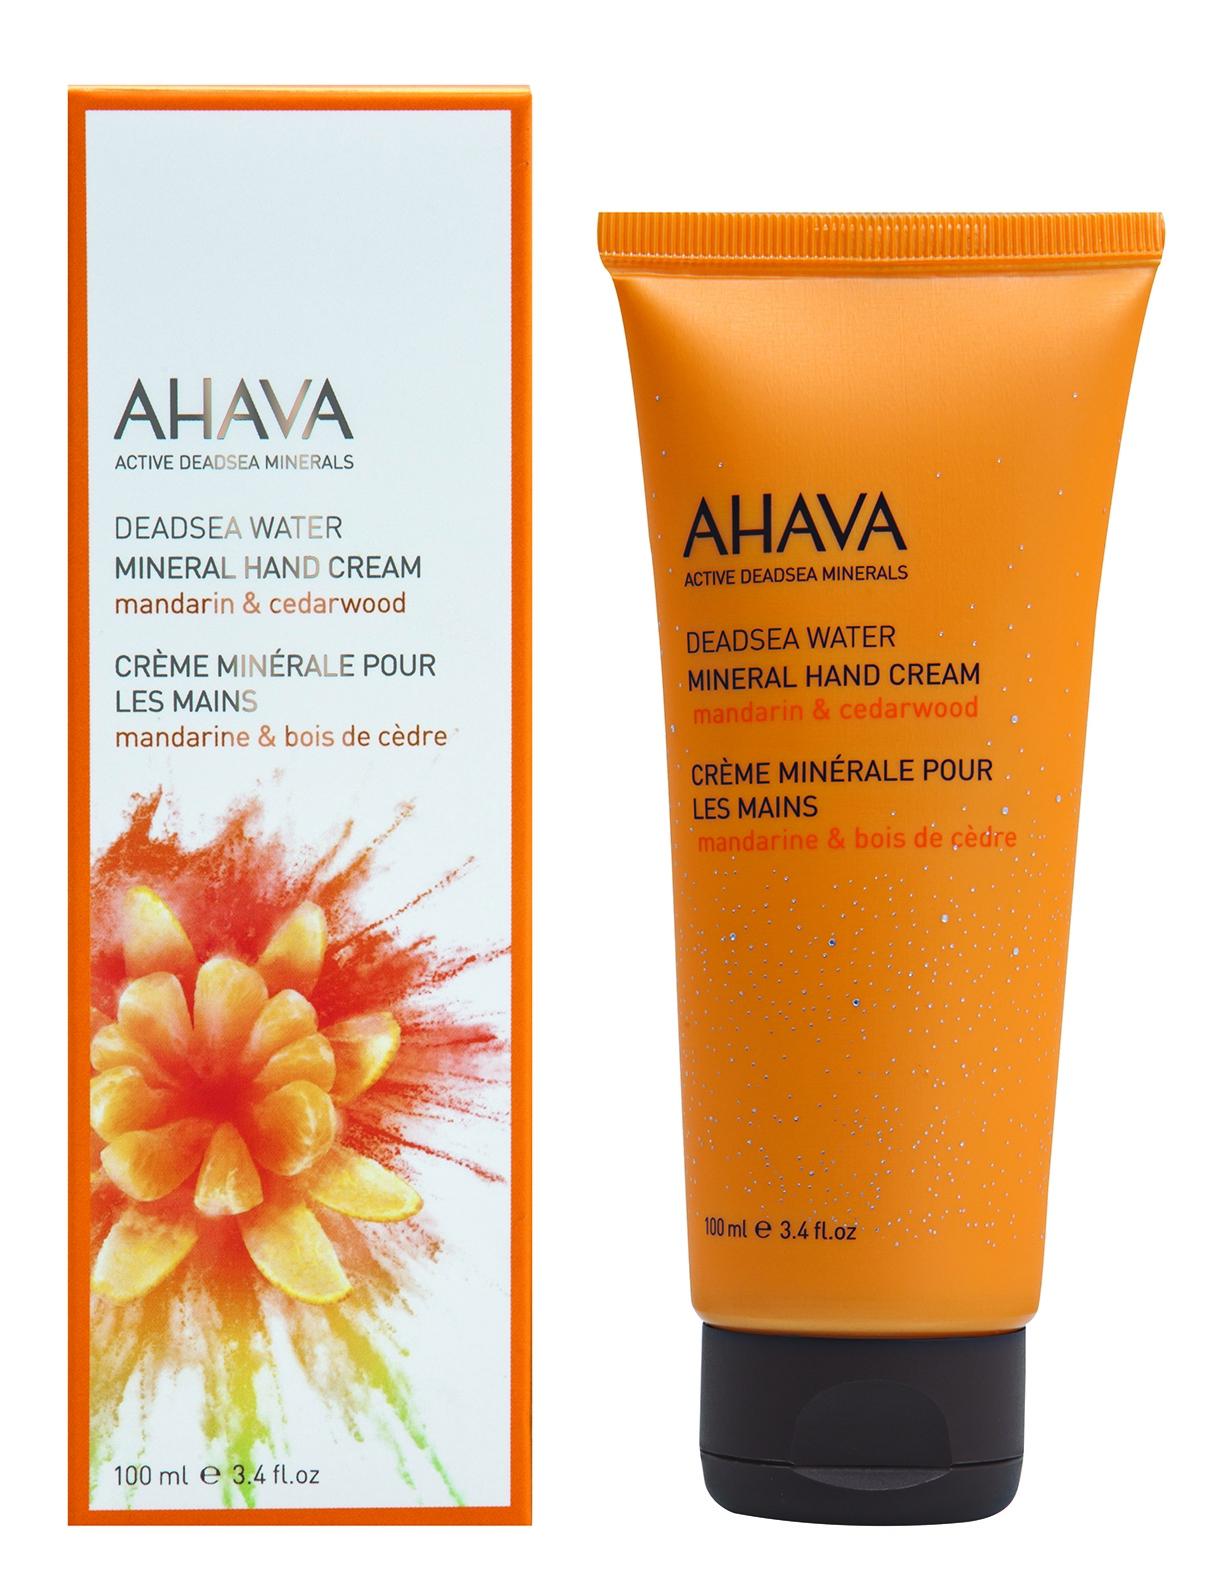 AHAVA Крем минеральный для рук, мандарин и кедр / Deadsea Water 100 мл